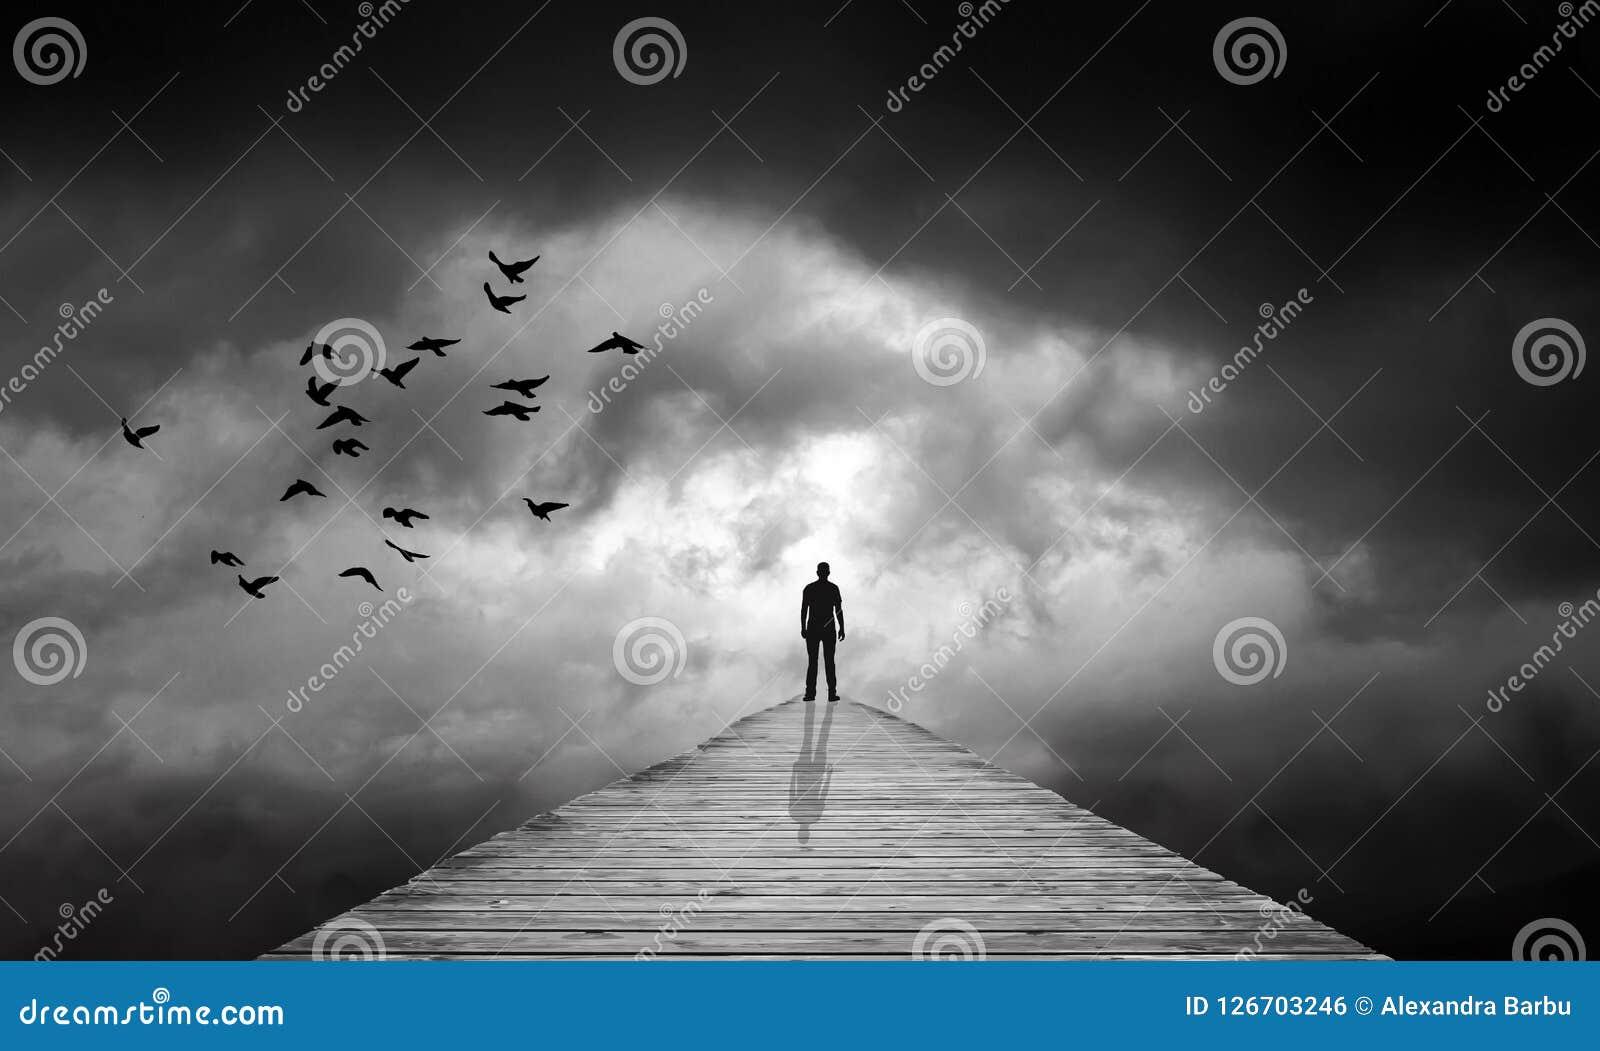 Ciemne chmury, ścieżka nieznane, przeznaczenie, gubjący, odradzanie